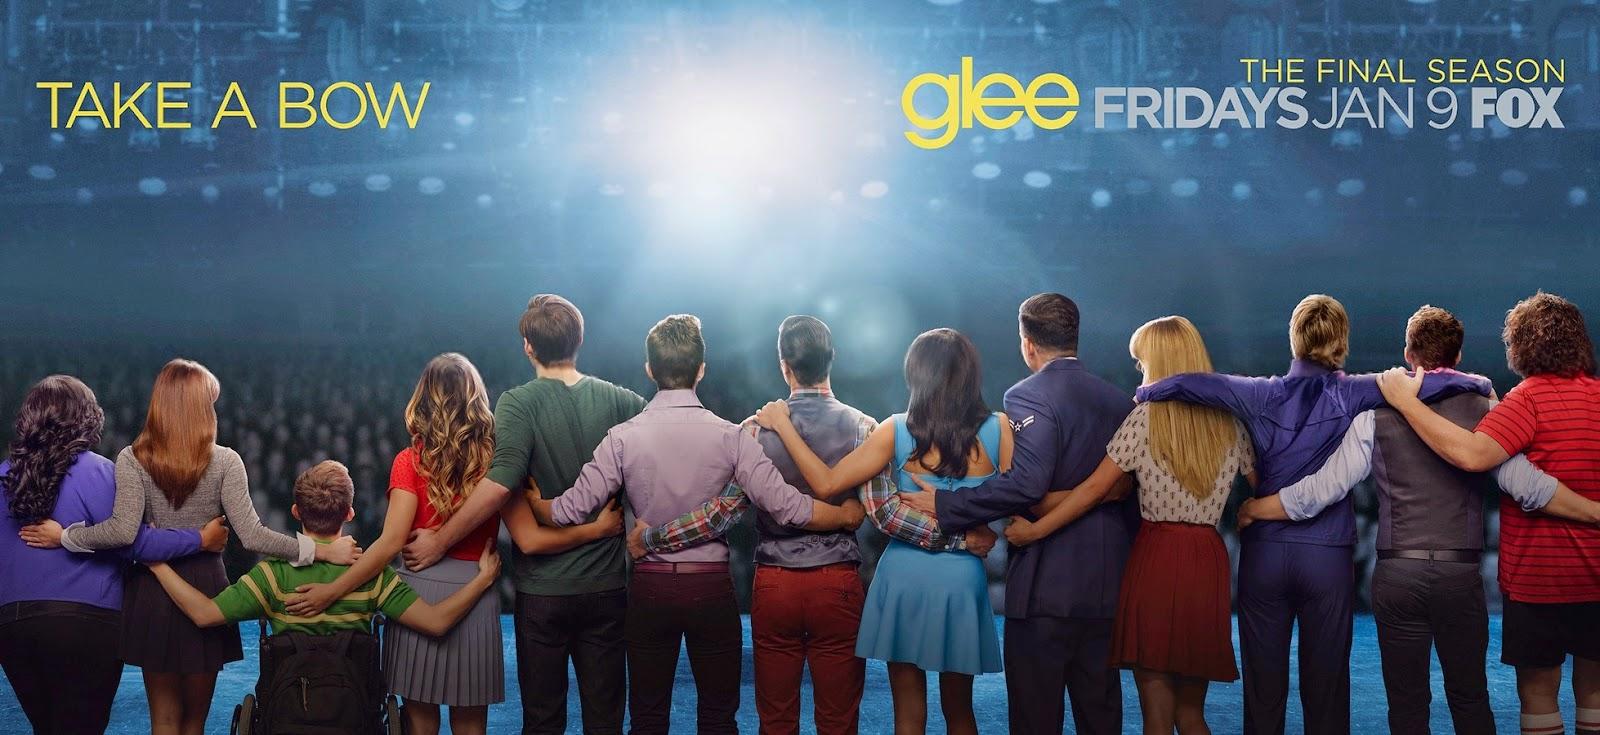 Glee+S6+Poster.jpg